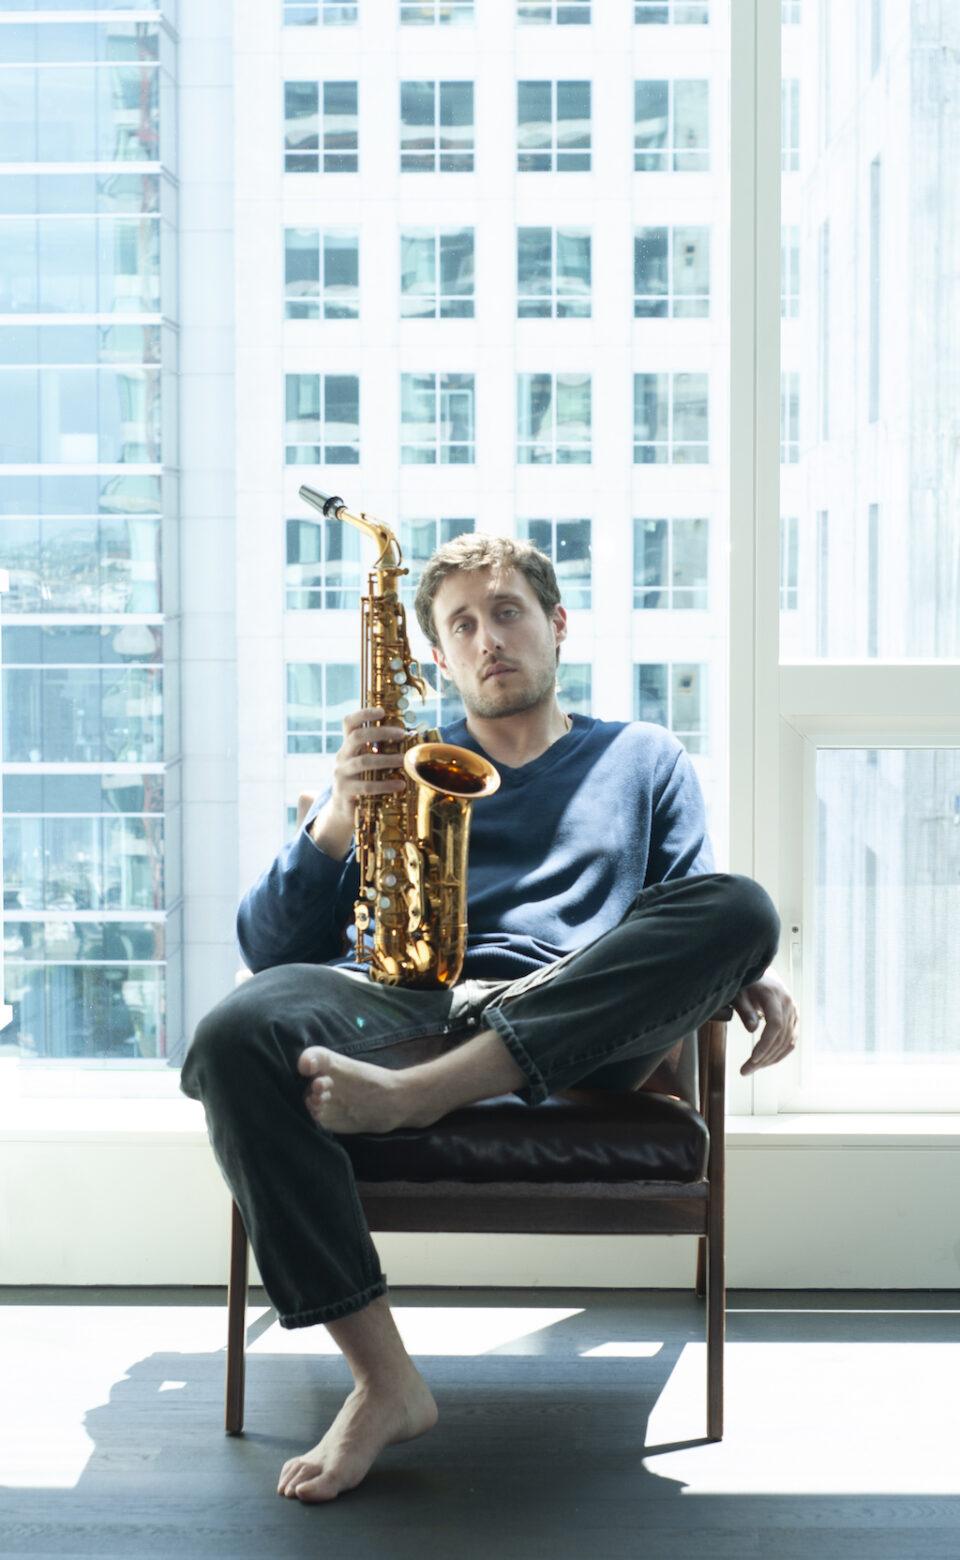 Daniele Germani senza segreti, dall'esplosiva uscita discografica A Congregation of Folks ai più interessanti retroscena con i big del sax jazz